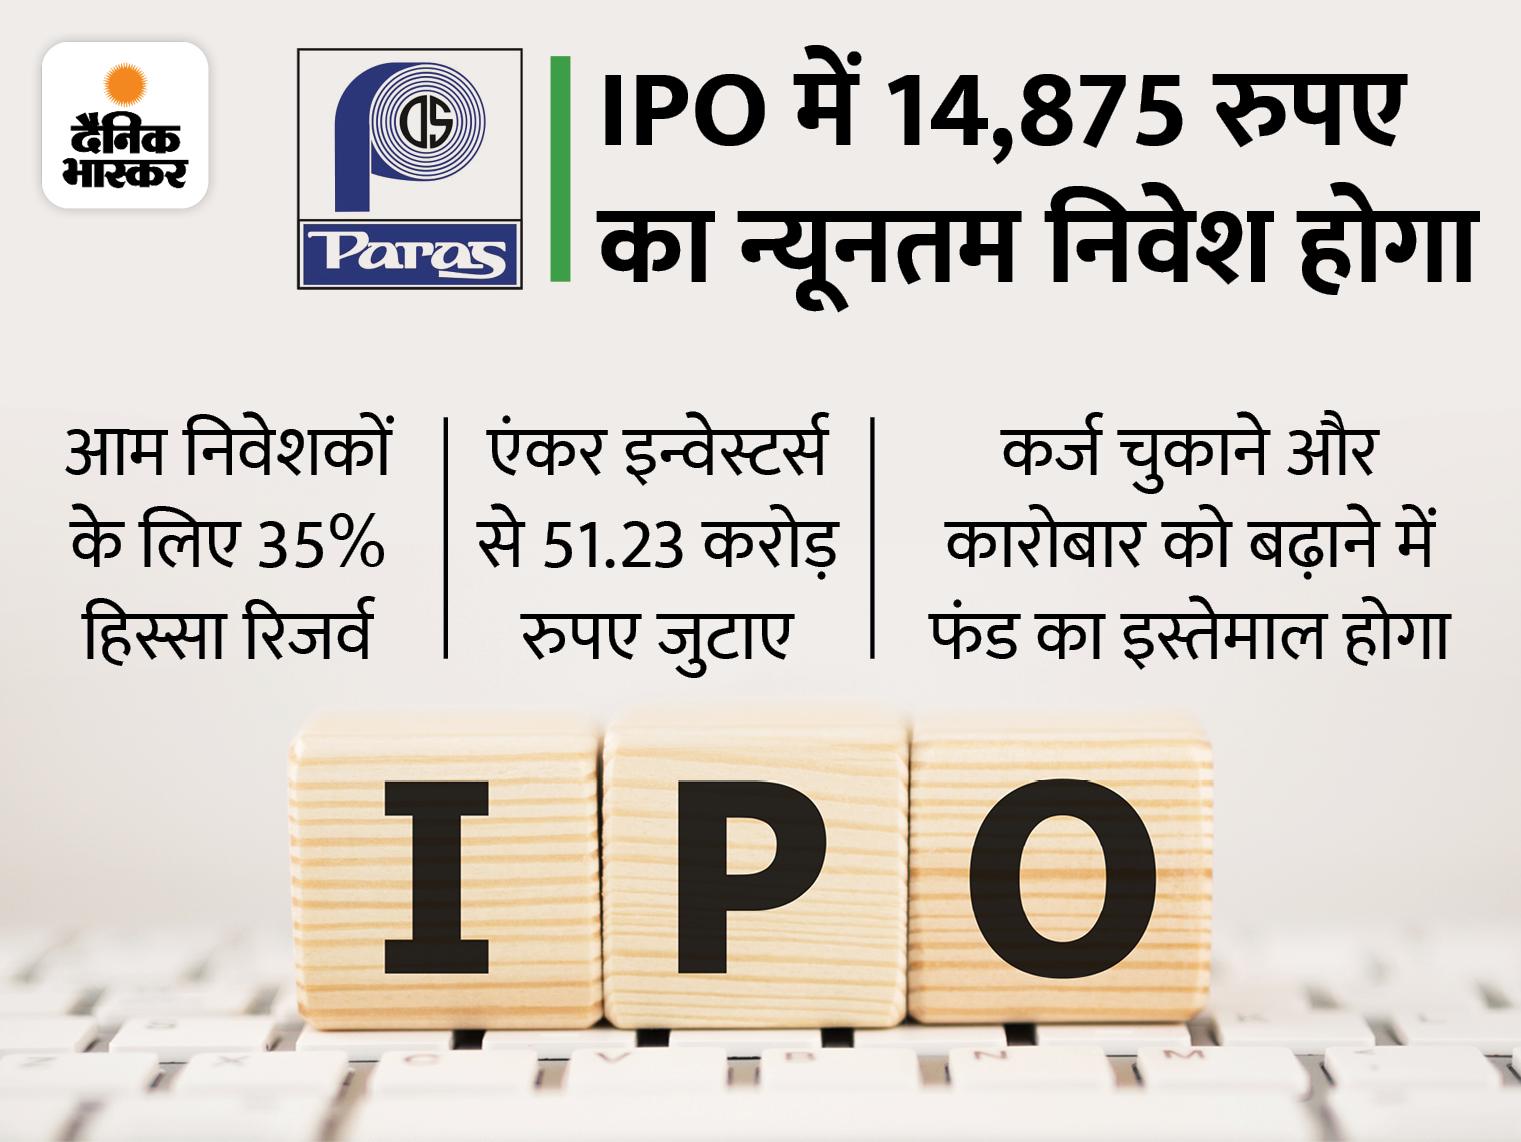 पारस डिफेंस का IPO खुला: इश्यू में निवेश के लिए 23 सितंबर तक लगा सकेंगे बोली, पहले ही घंटे में 7 गुना भरा इश्यू